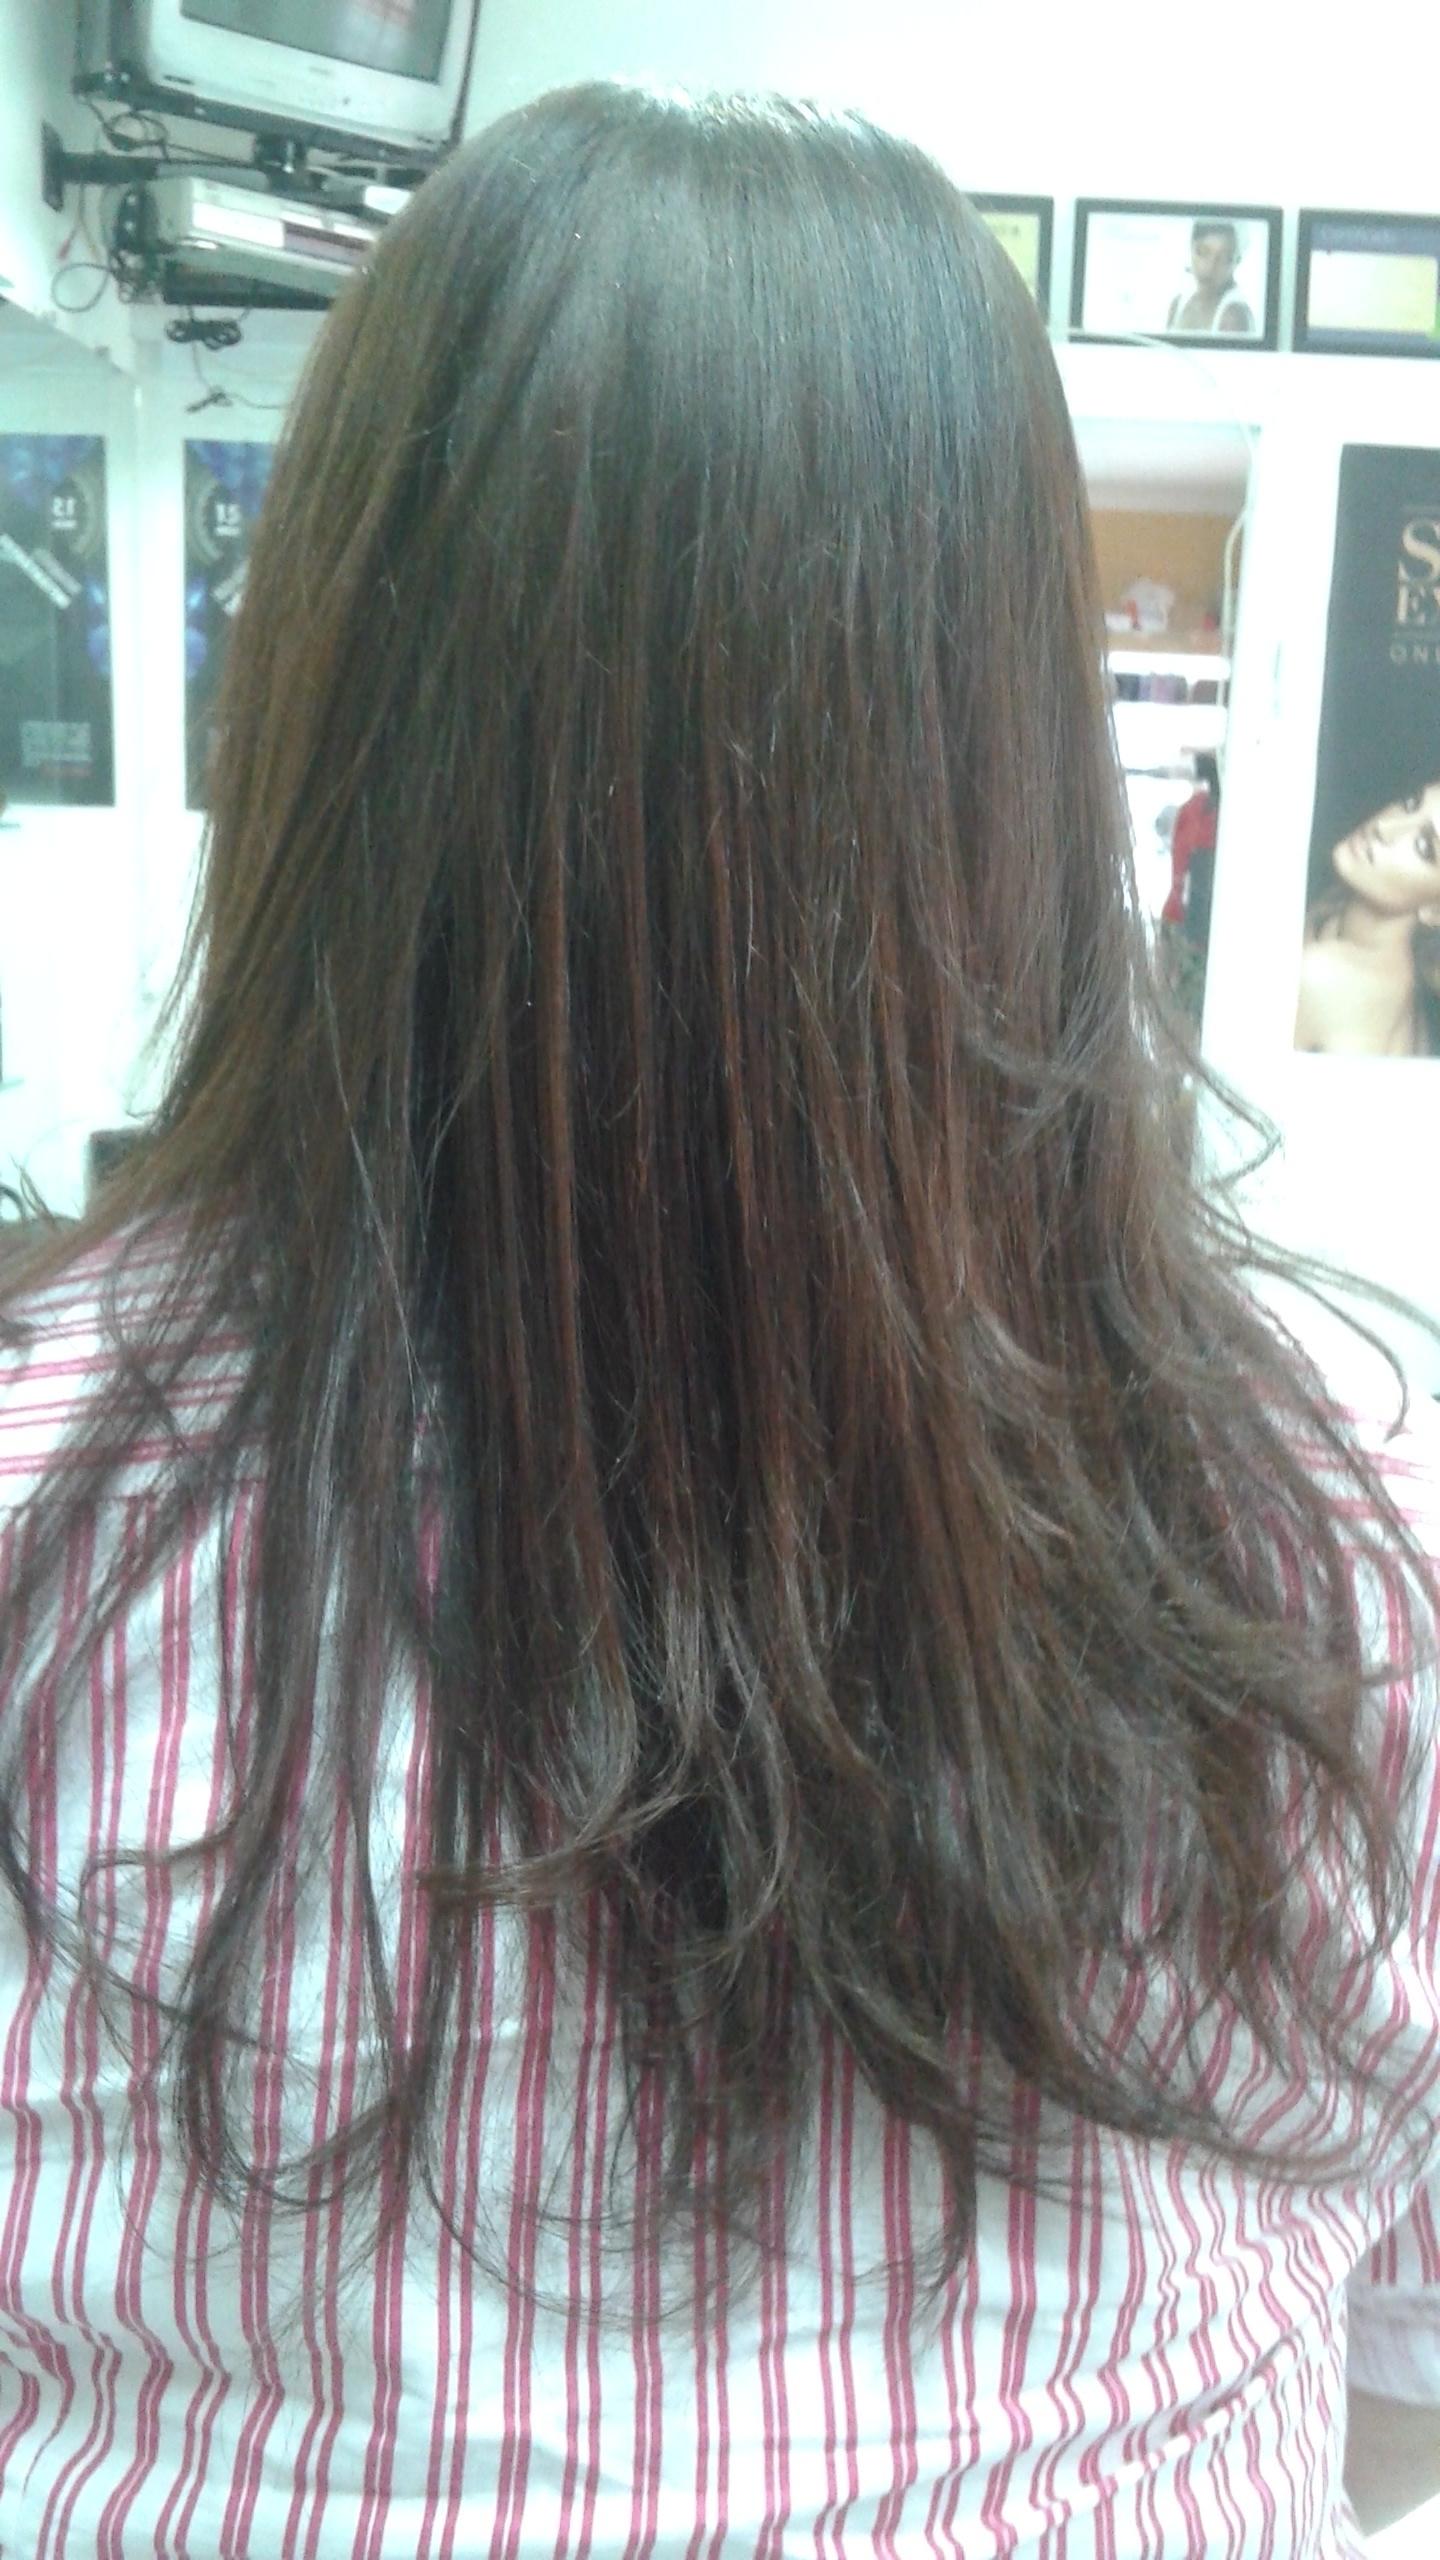 Plástica dos fios. .. Tratamento para dar volume e brilho aos cabelos , pois é t cabelo extremamente fino e precisa ser reposto proteinas e vitaminas . consultor(a) em negócios de beleza